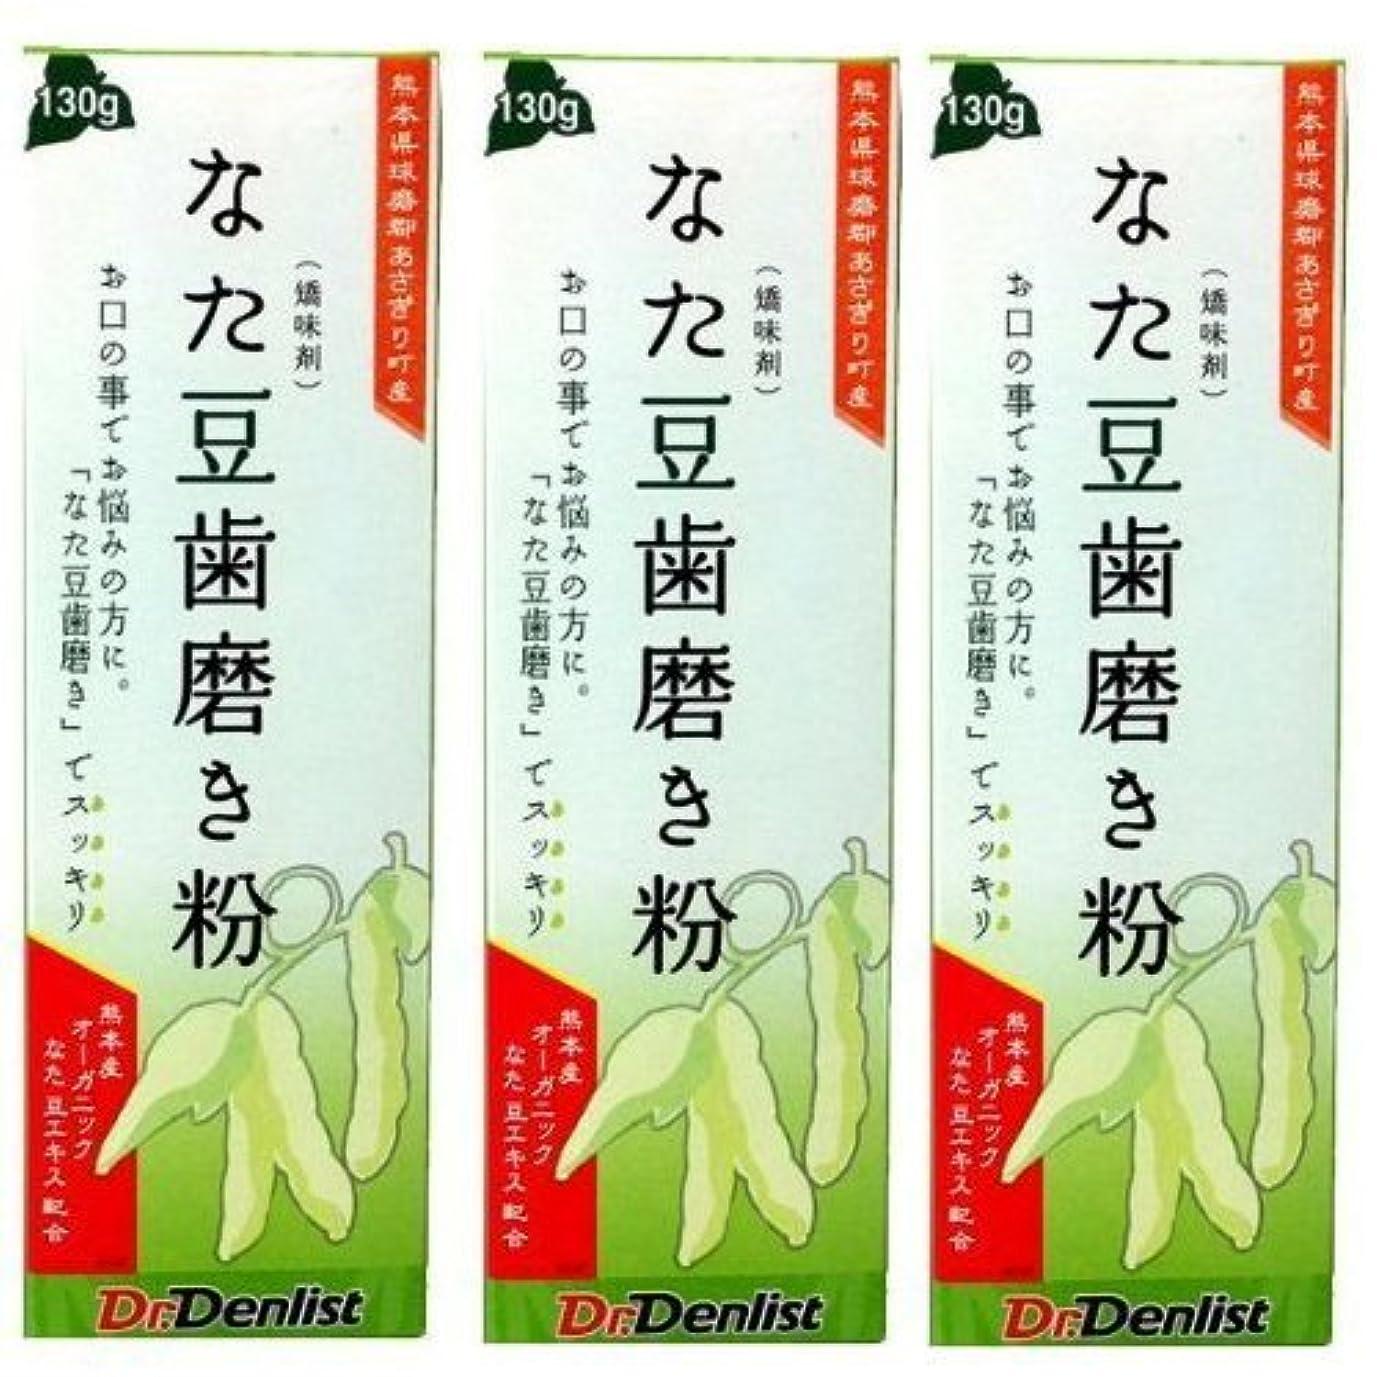 悔い改めシンポジウム排他的なた豆歯磨き粉 国産 130g ?3本セット?熊本県球磨郡あさぎり町産